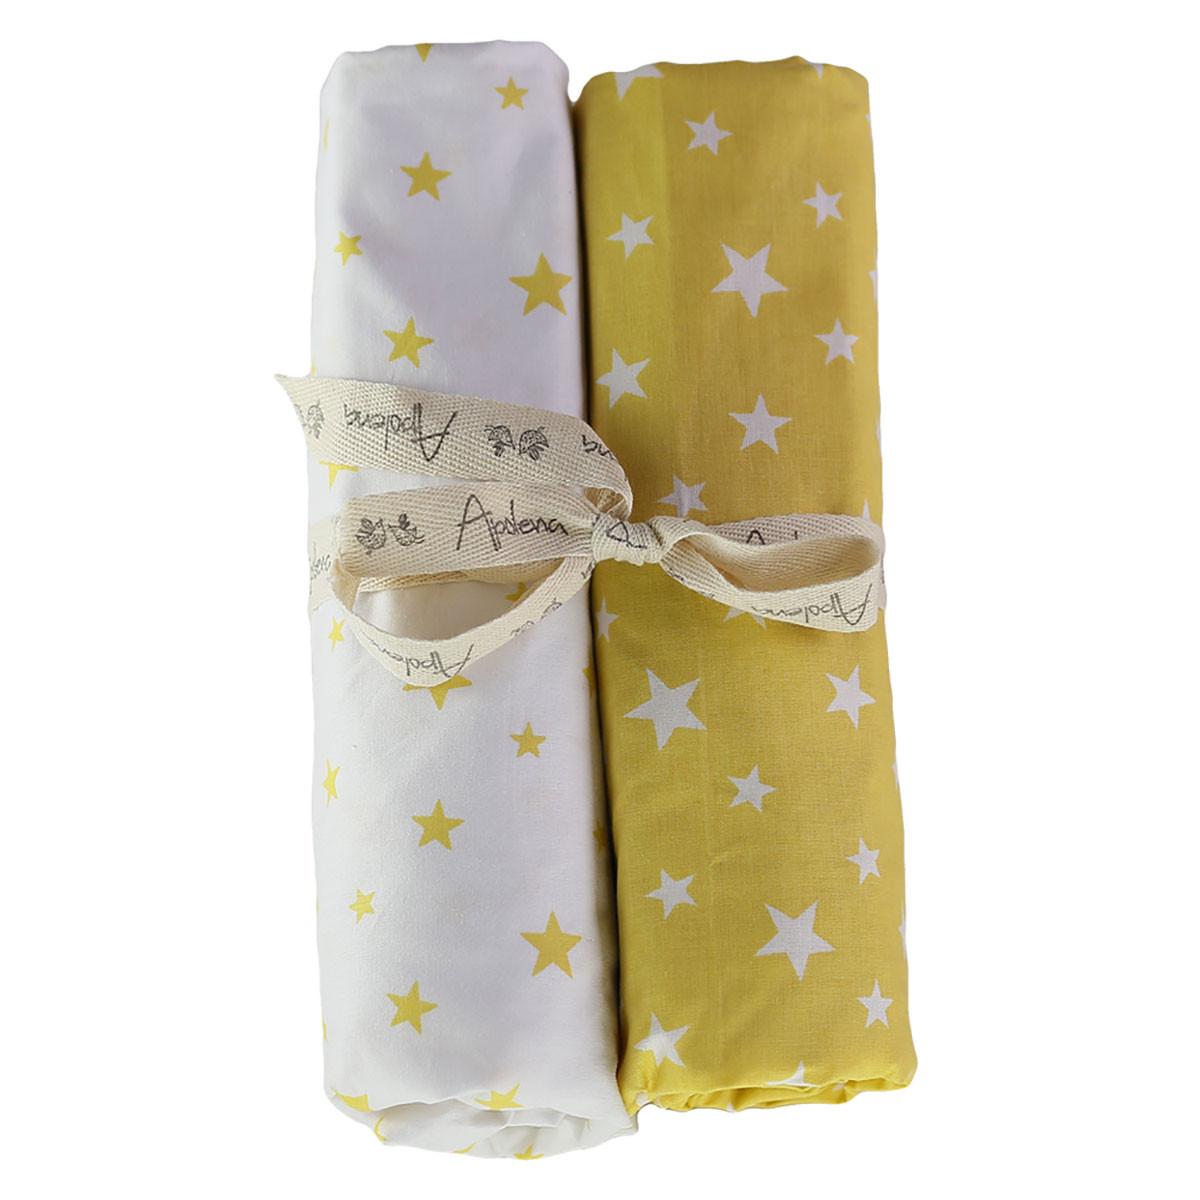 Σεντόνια Καλαθούνας (Σετ) Apolena Stars Yellow 113-6943/14